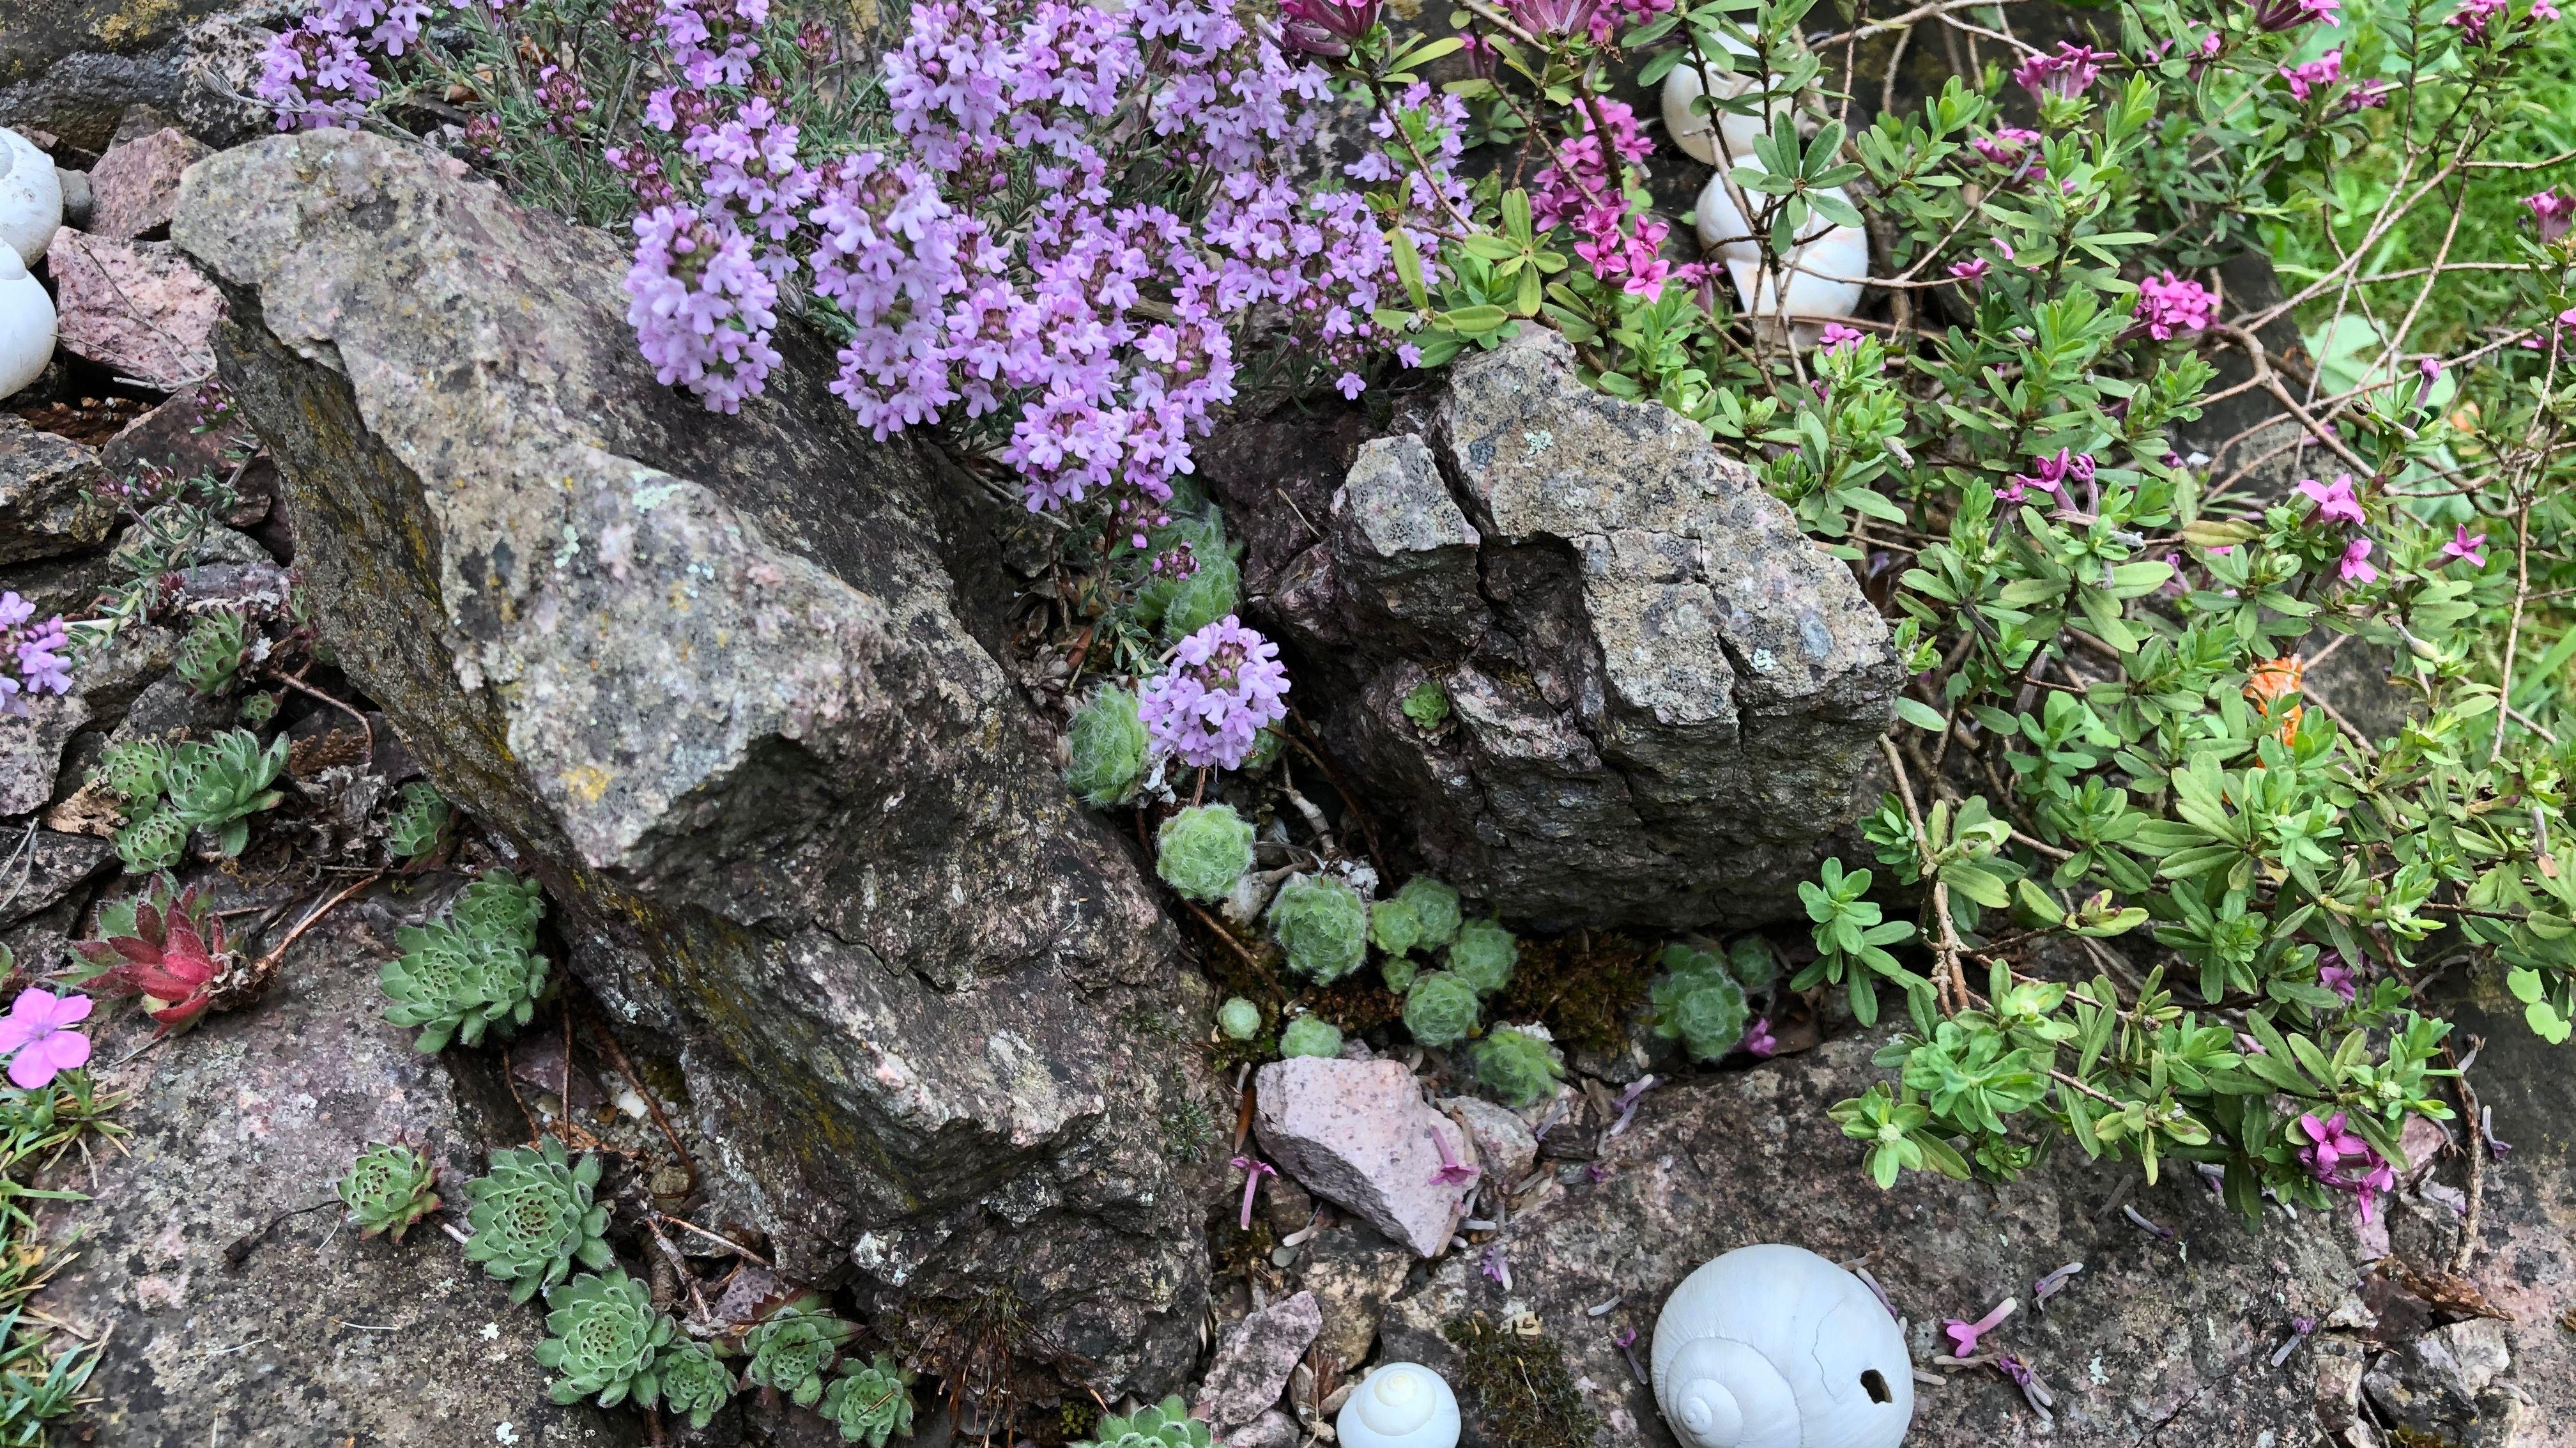 Steine mit Pflanzen bewachsen